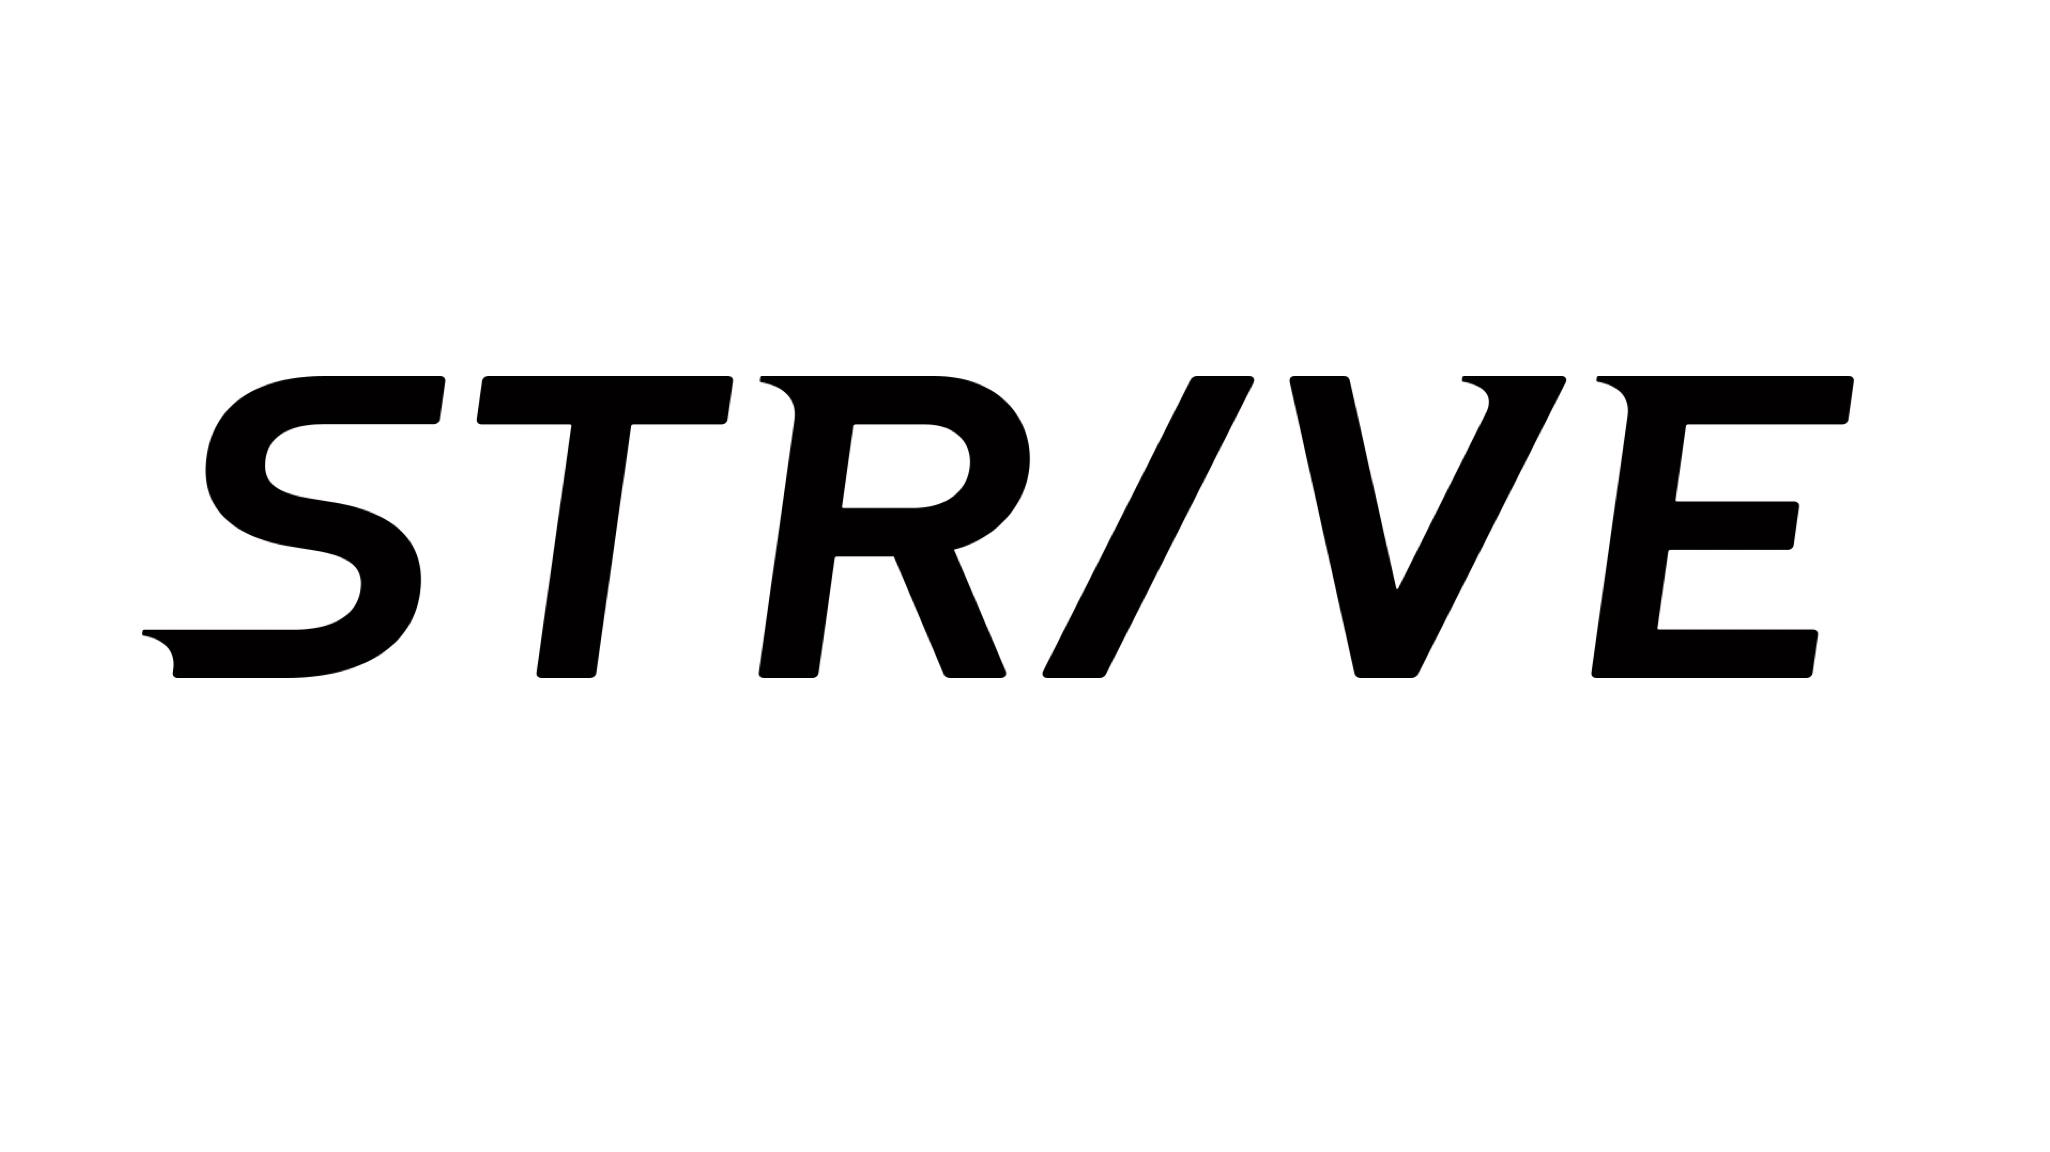 グリーベンチャーズ共同代表が新ファンド「STRIVE」を設立